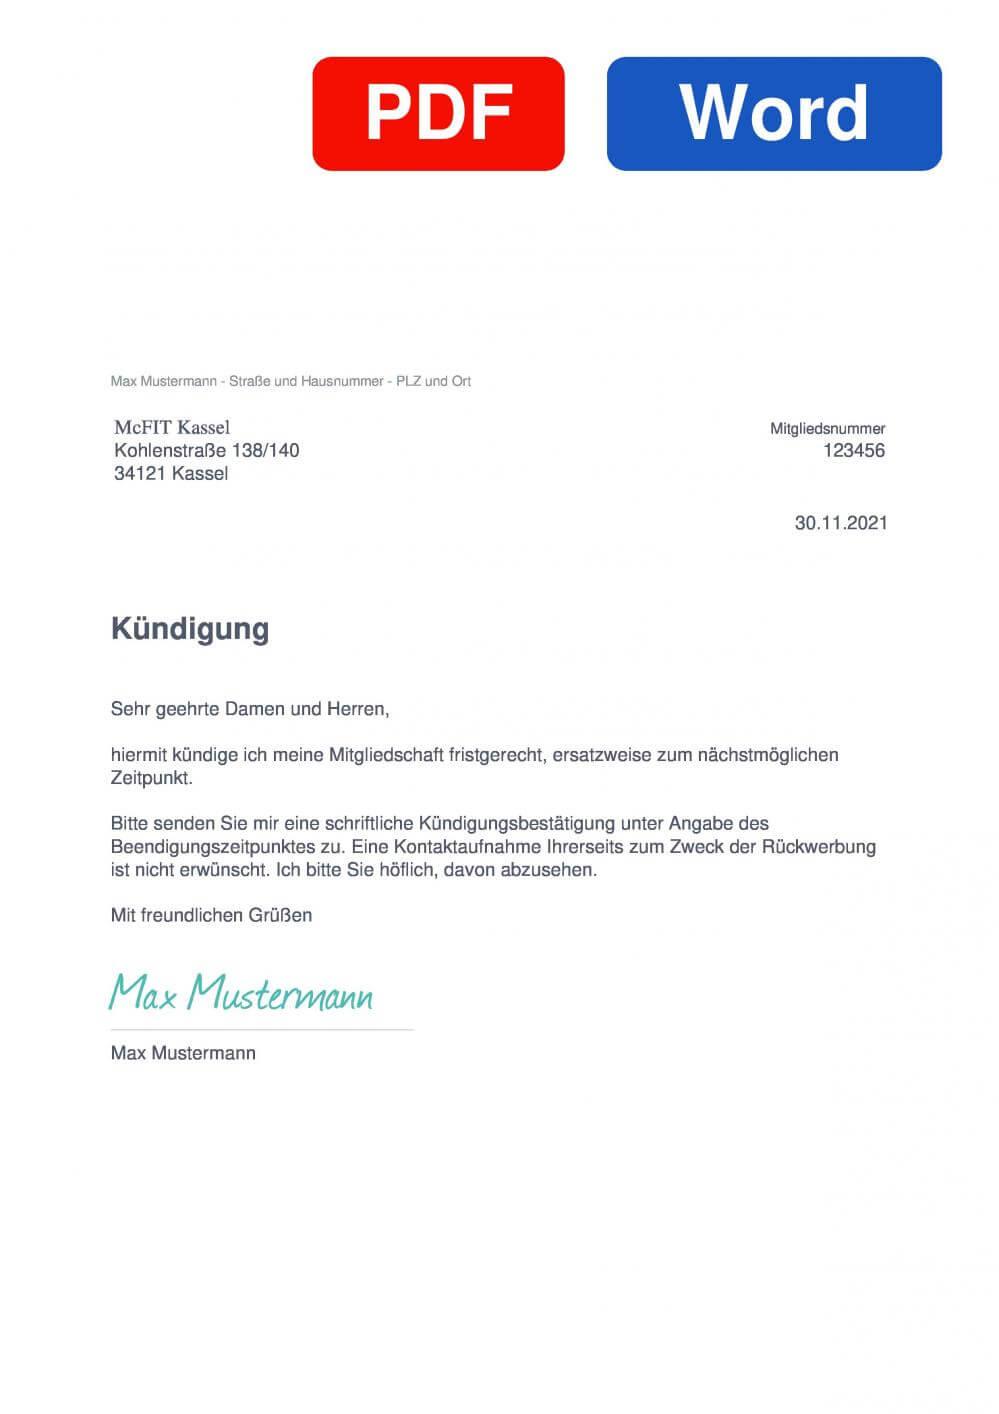 McFIT Kassel Muster Vorlage für Kündigungsschreiben